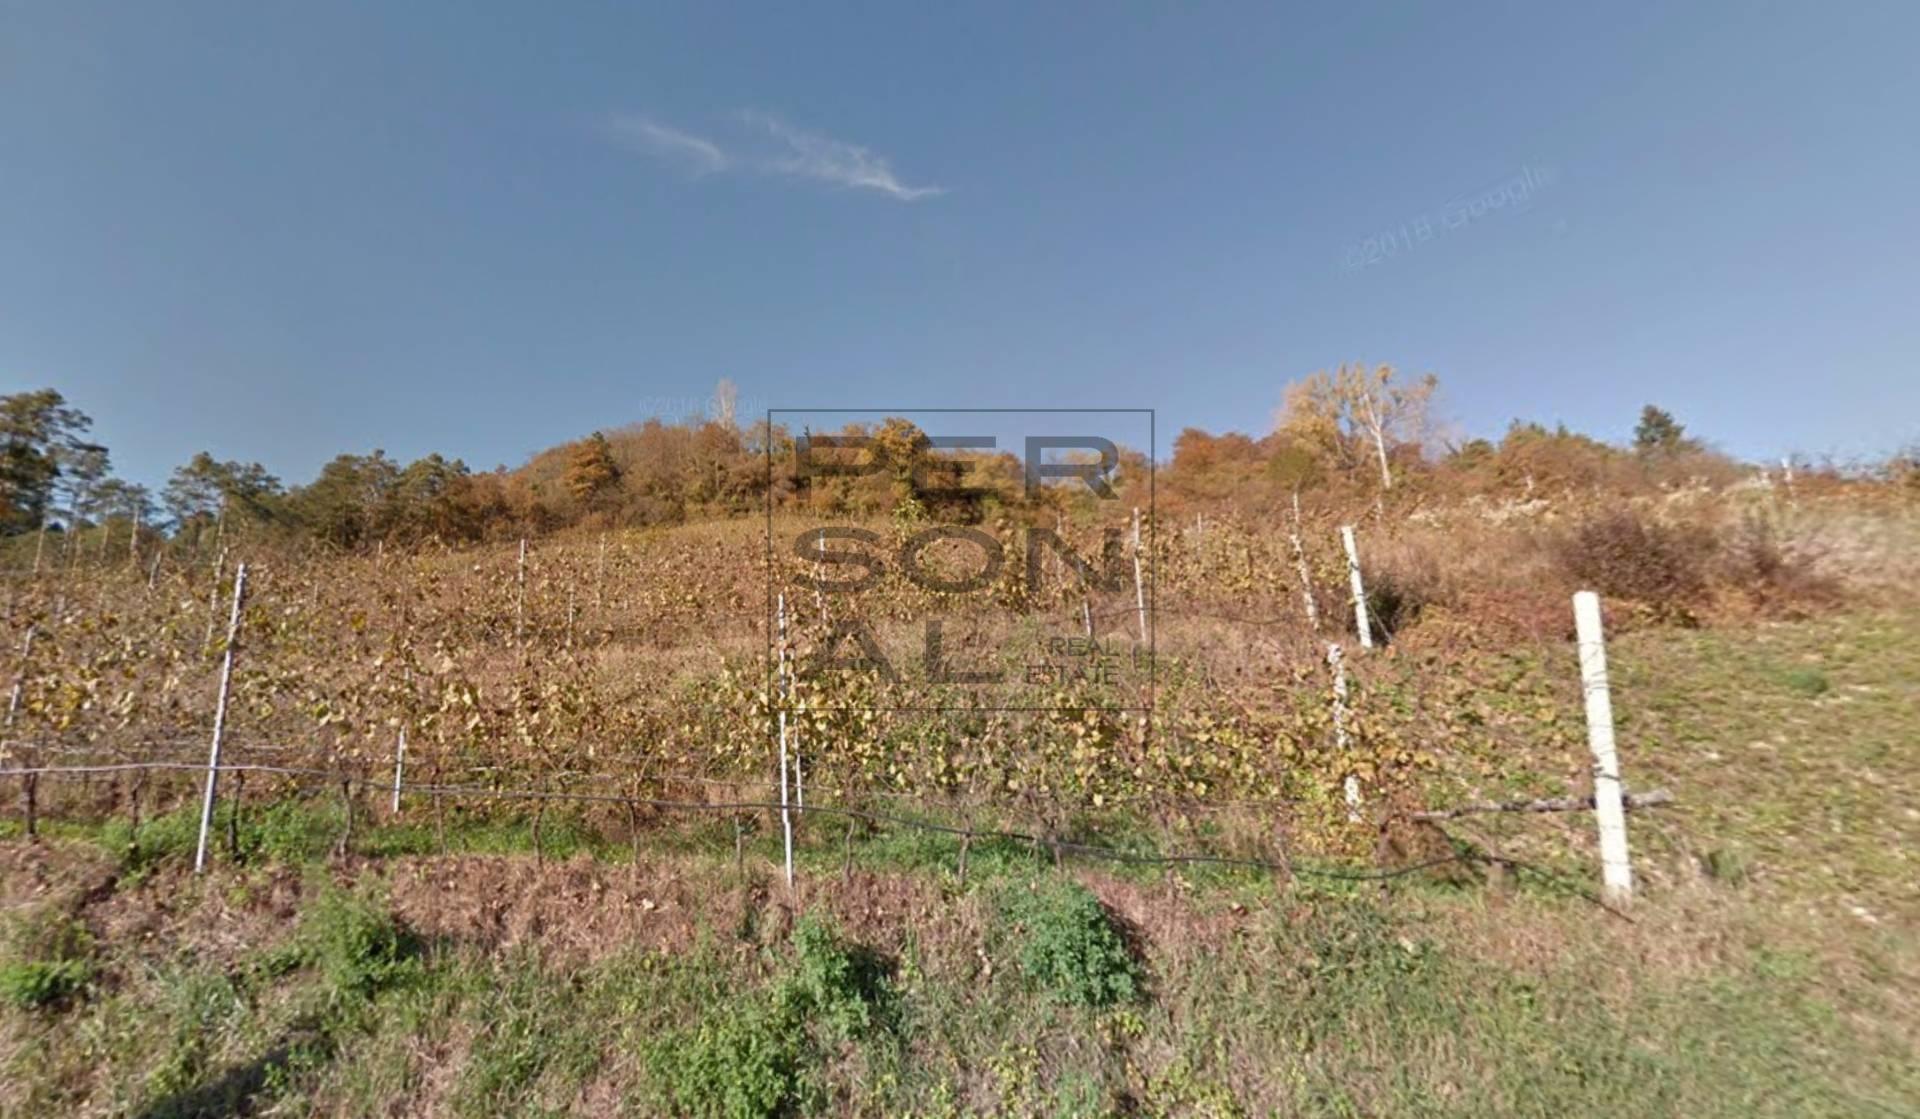 Terreno Agricolo in vendita a Stenico, 9999 locali, zona Zona: Premione, prezzo € 315.000 | CambioCasa.it